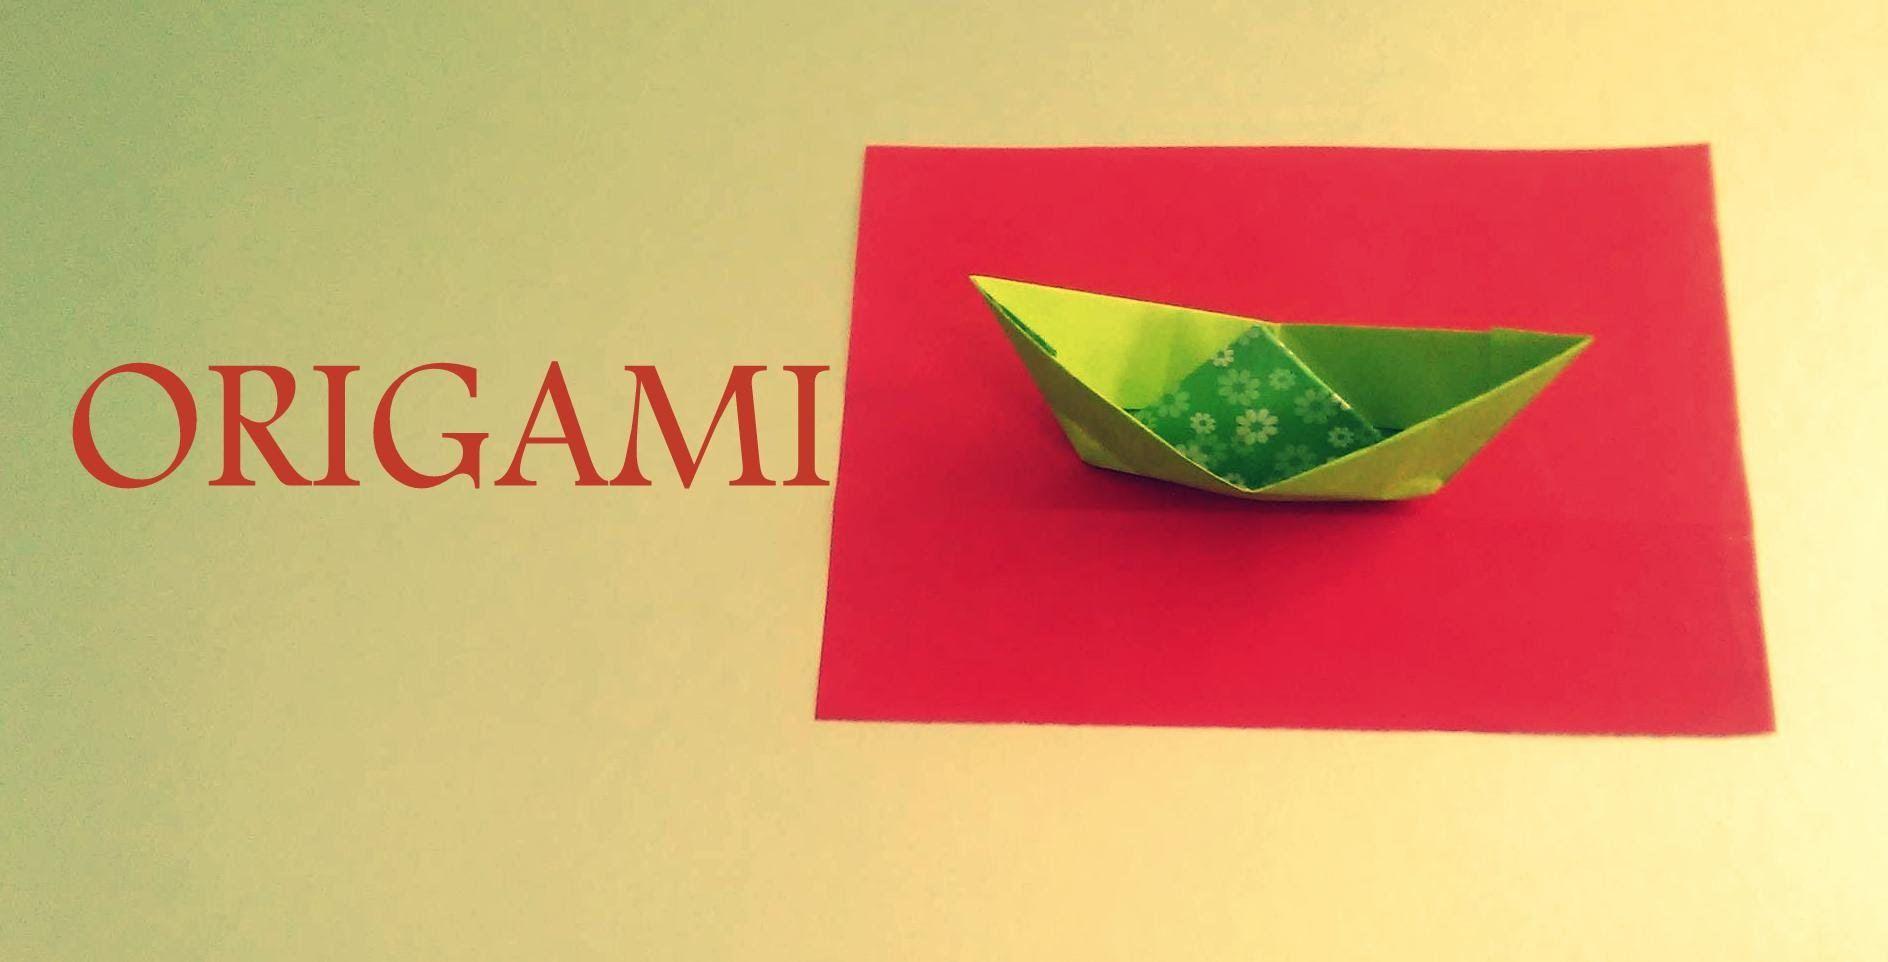 Origami BARCO de PAEL - PAPER BOAT